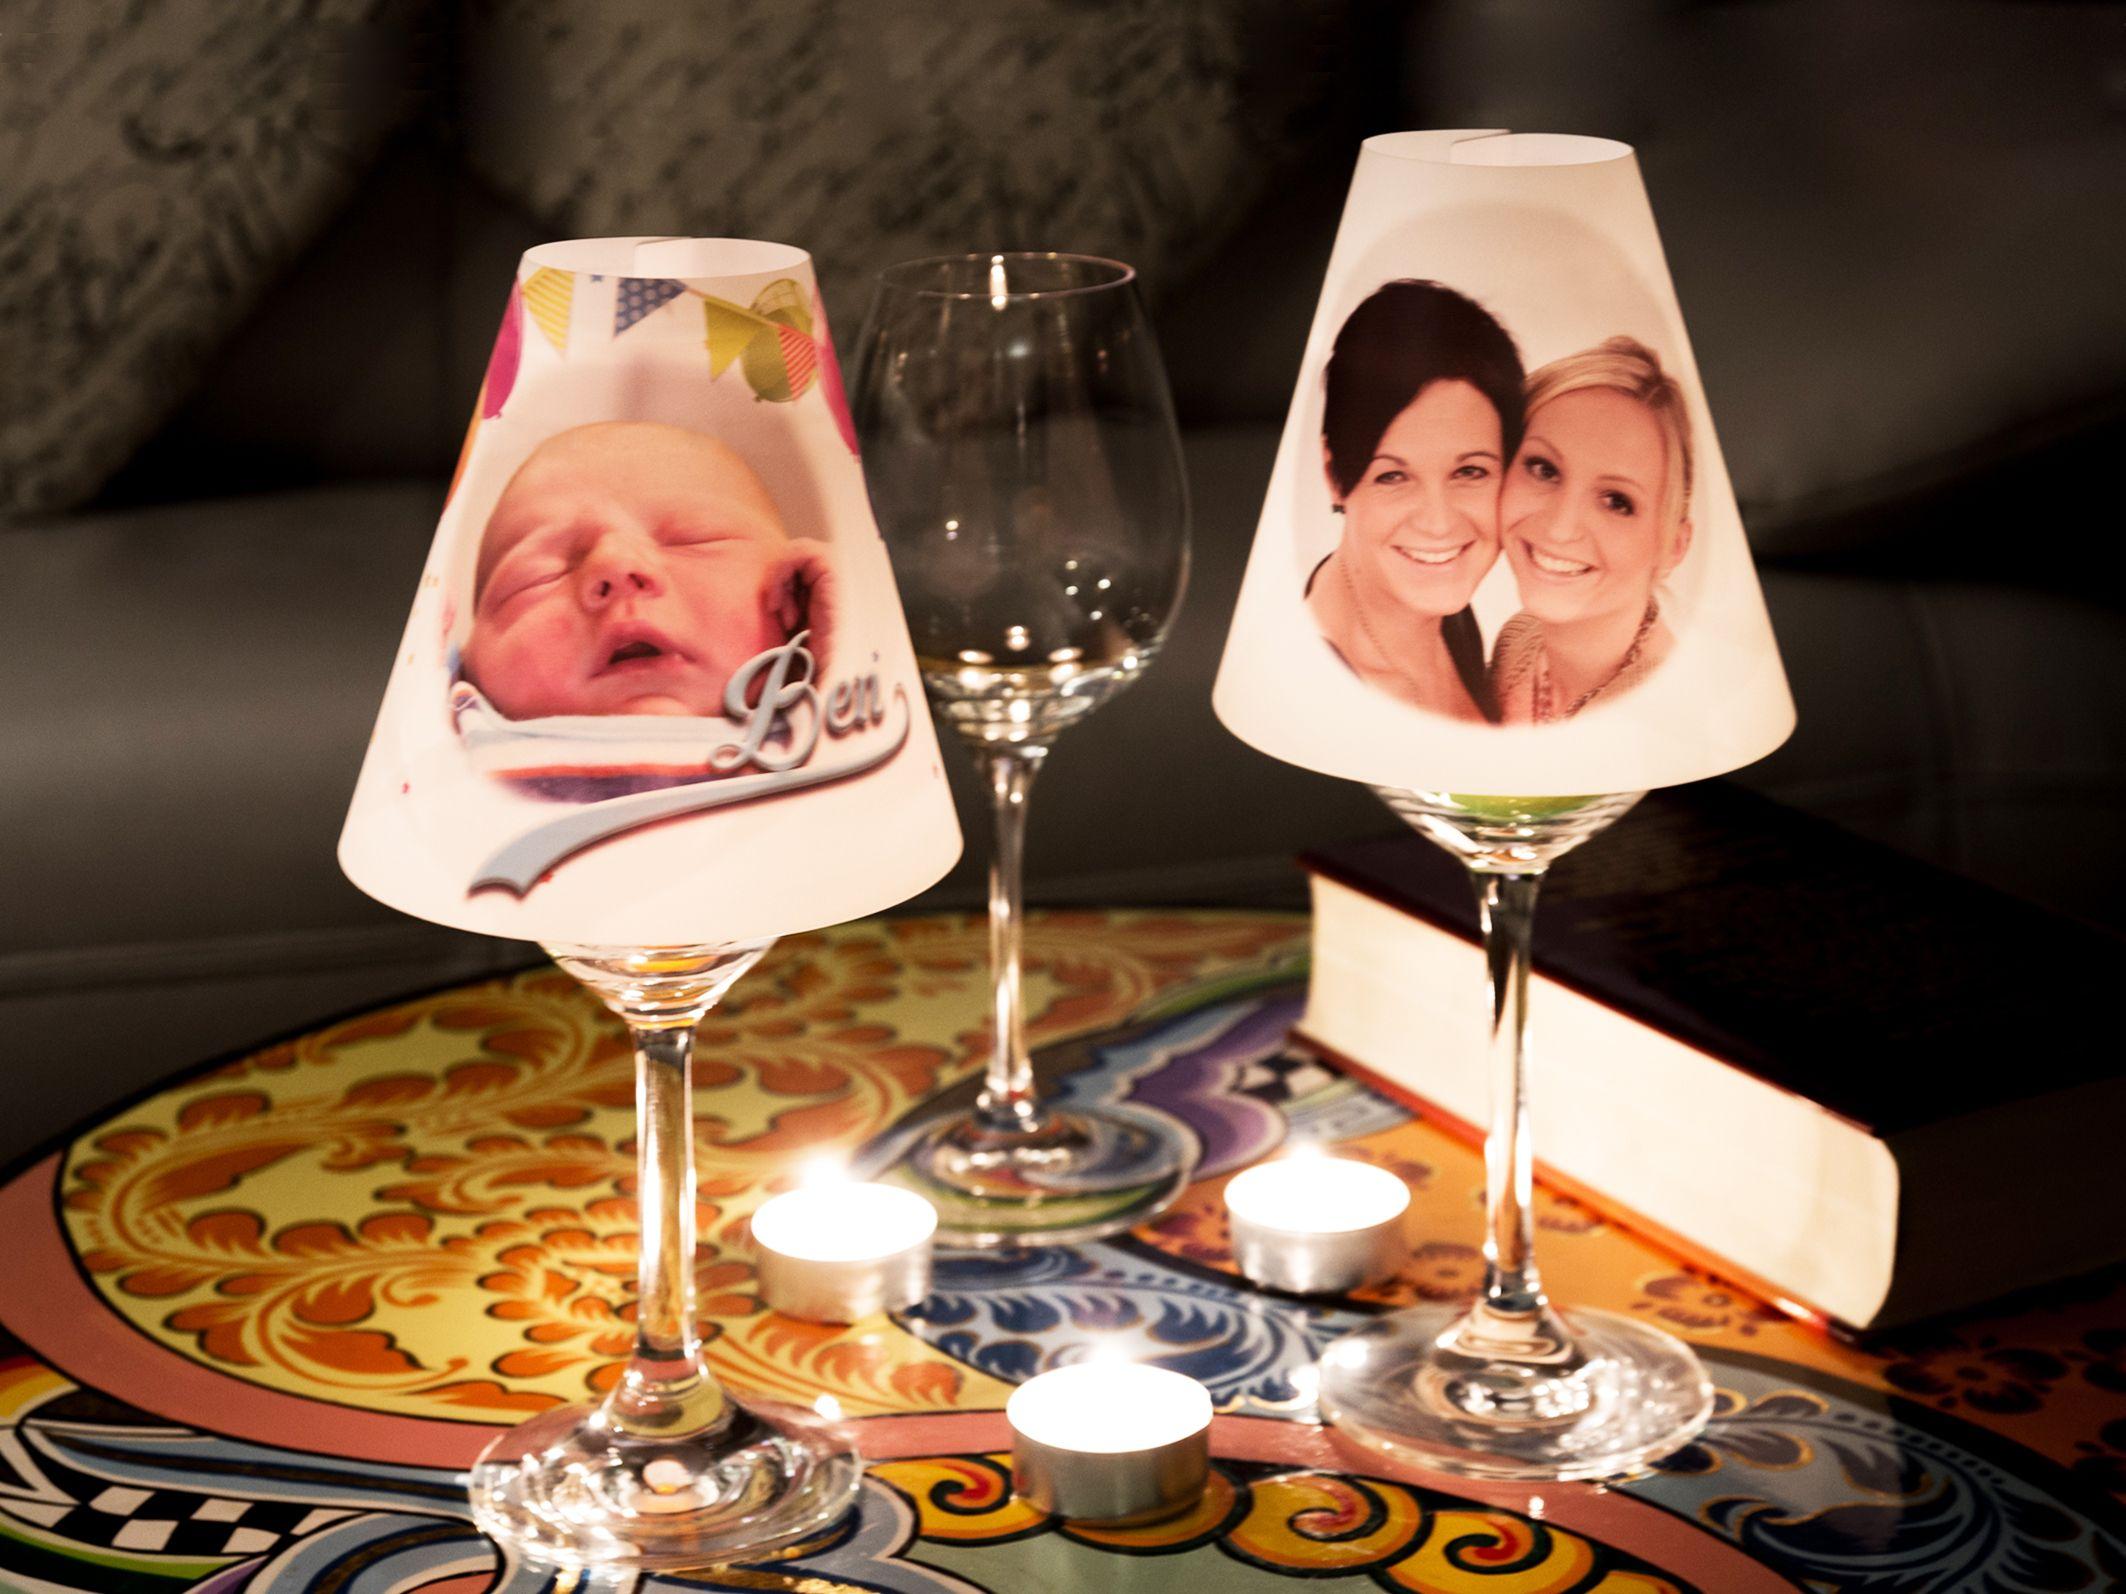 wir drucken ihr foto logo oder bild auf unsere mini lampenschirme f r weingl ser und. Black Bedroom Furniture Sets. Home Design Ideas